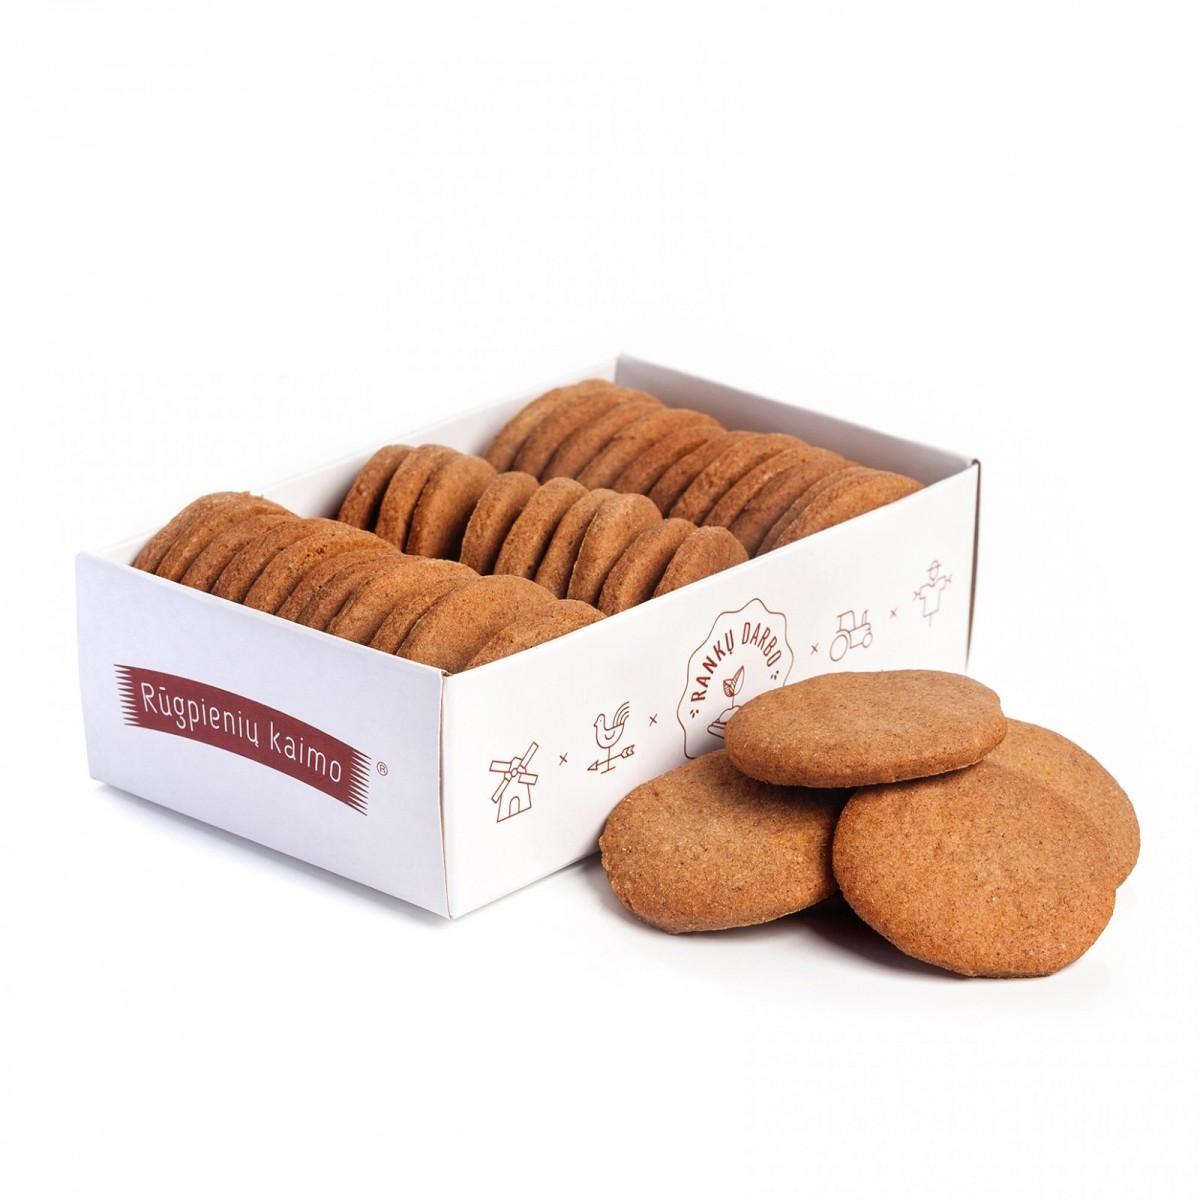 Ruginiai sausainiai, Rūgpienių kaimo, 150g